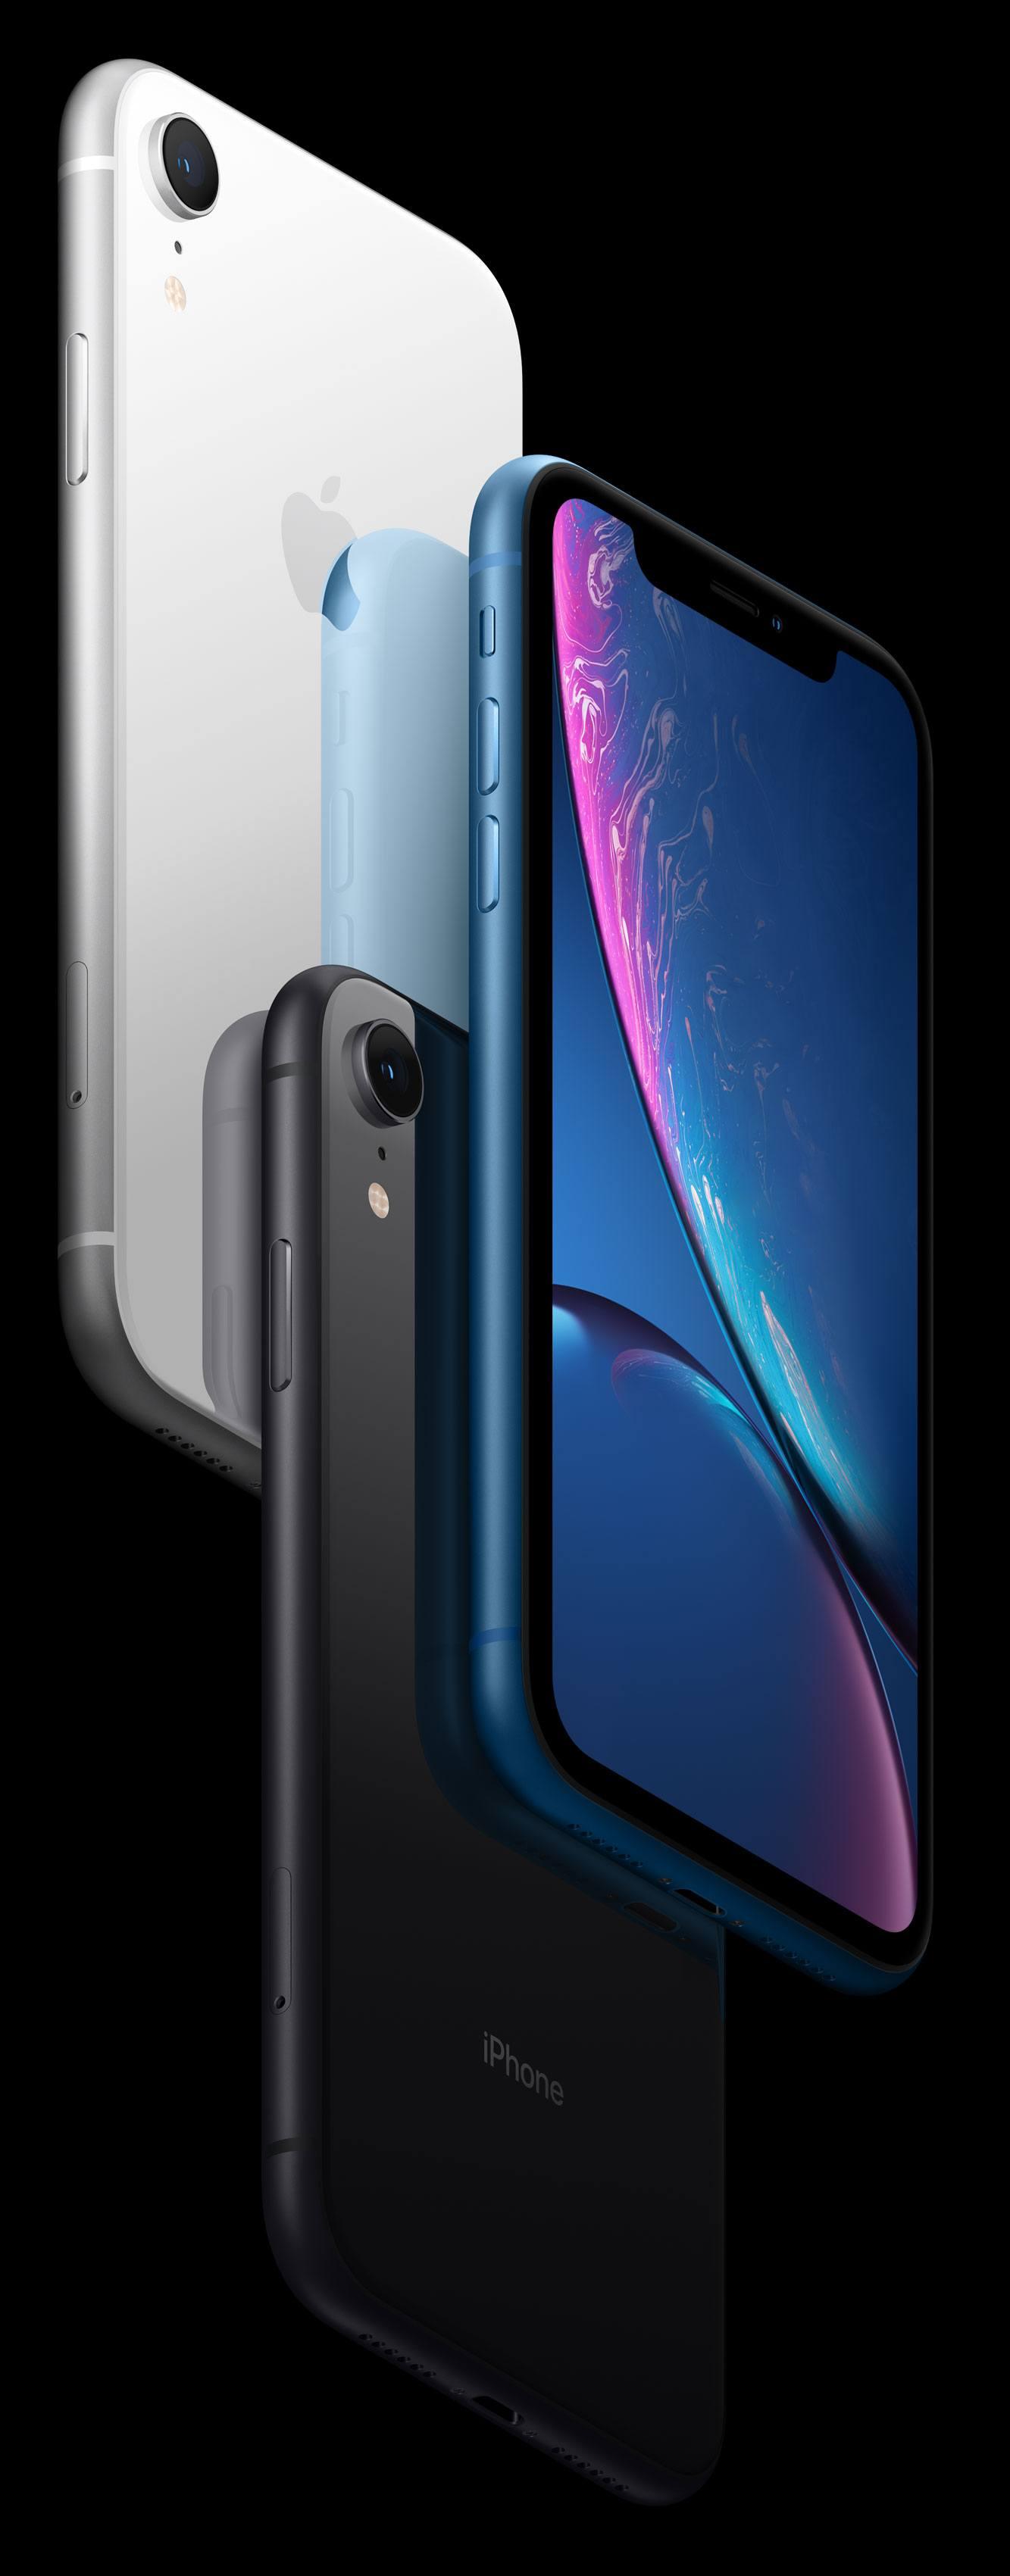 precios del iphone